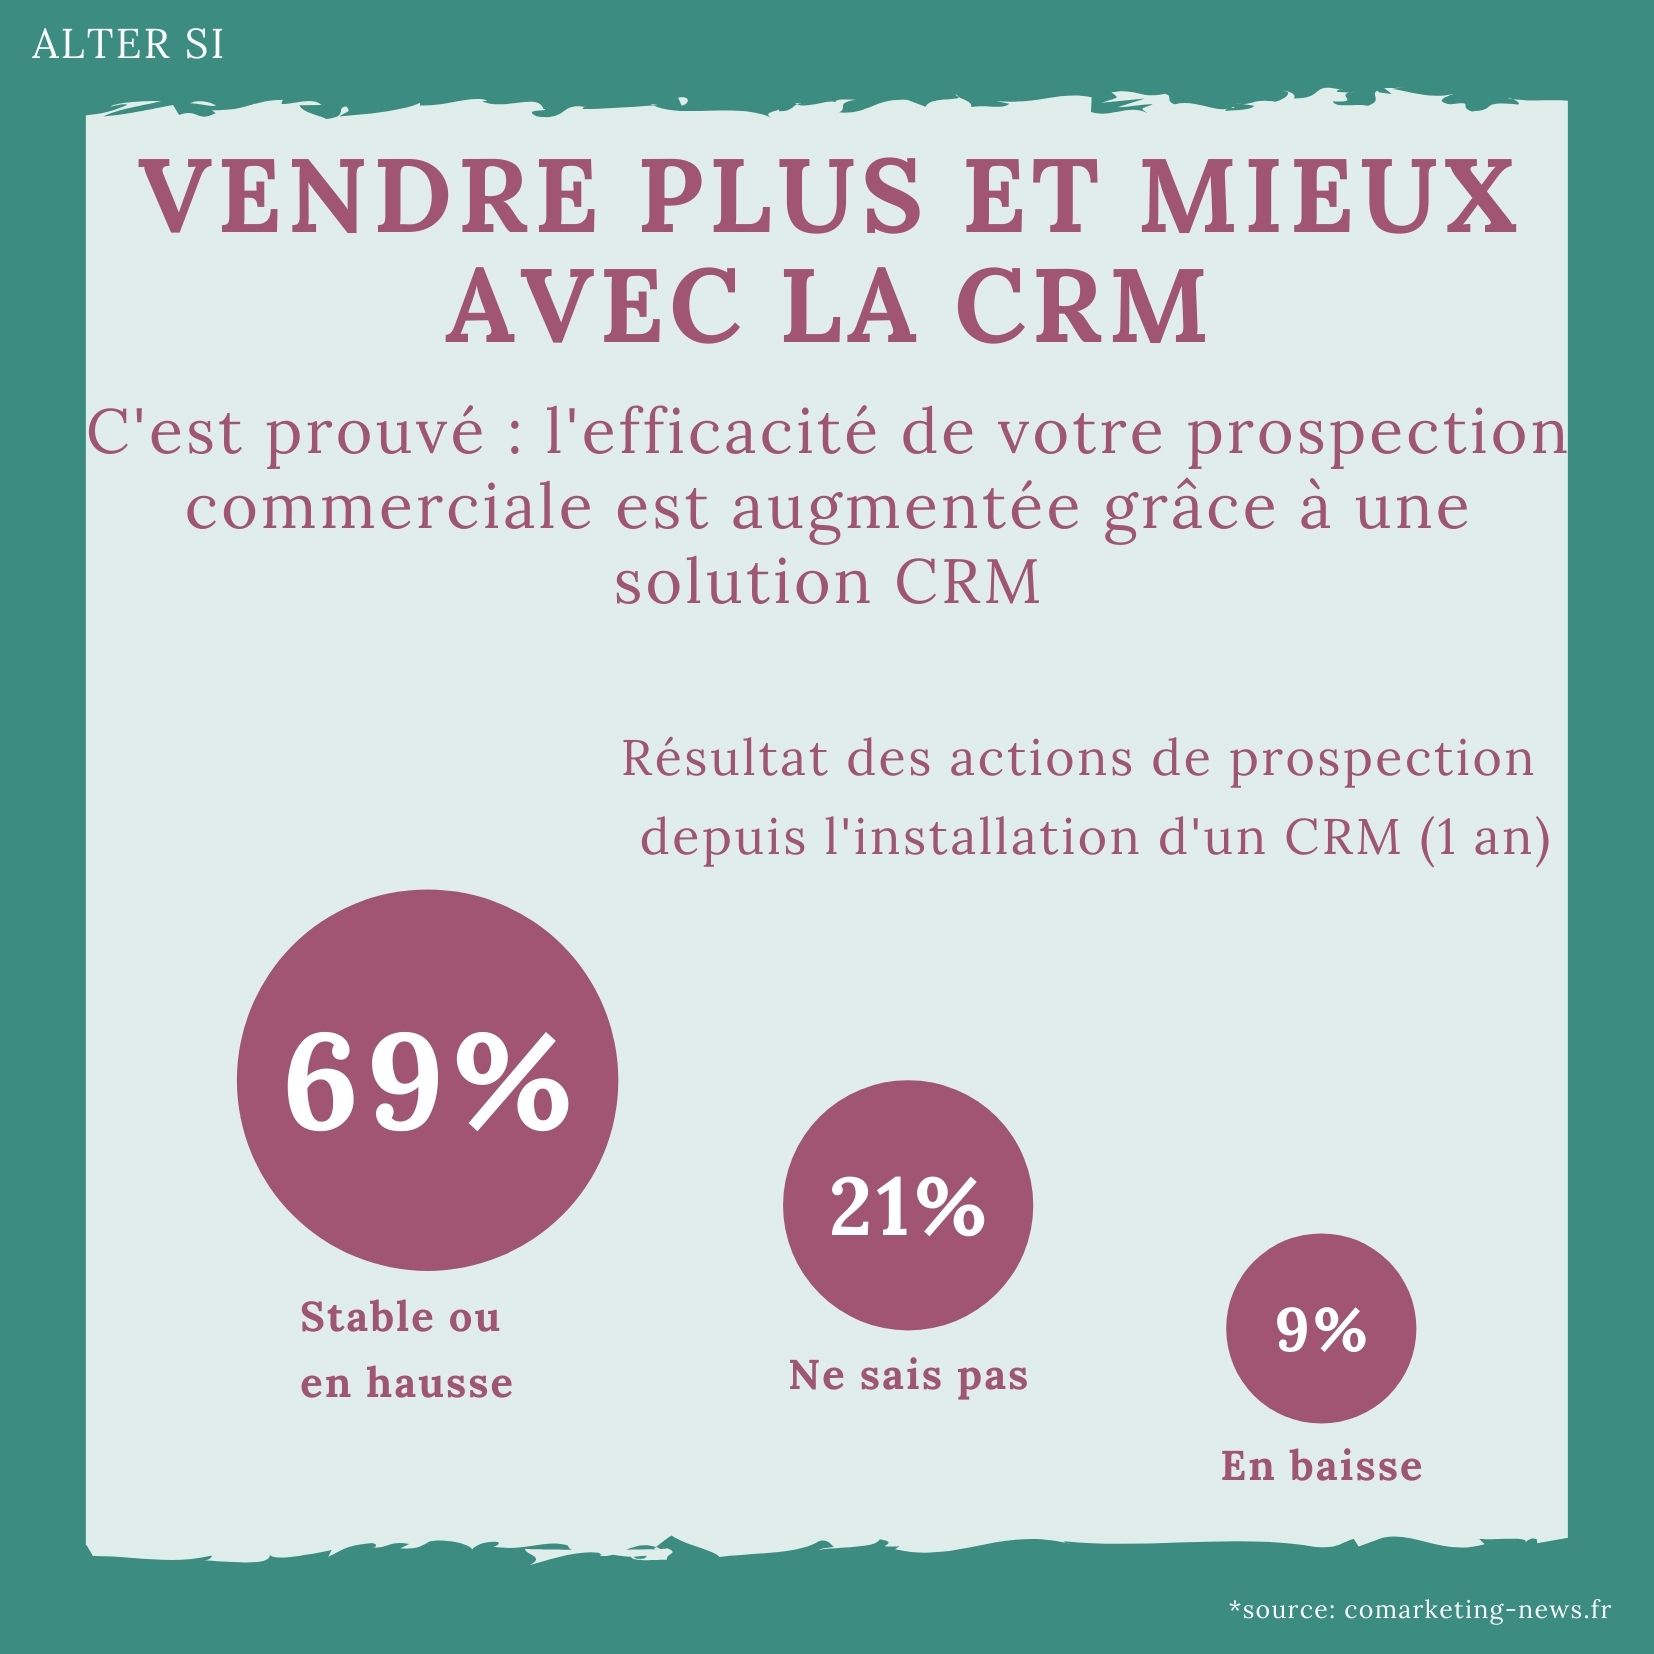 Un logiciel CRM pour améliorer ses ventes